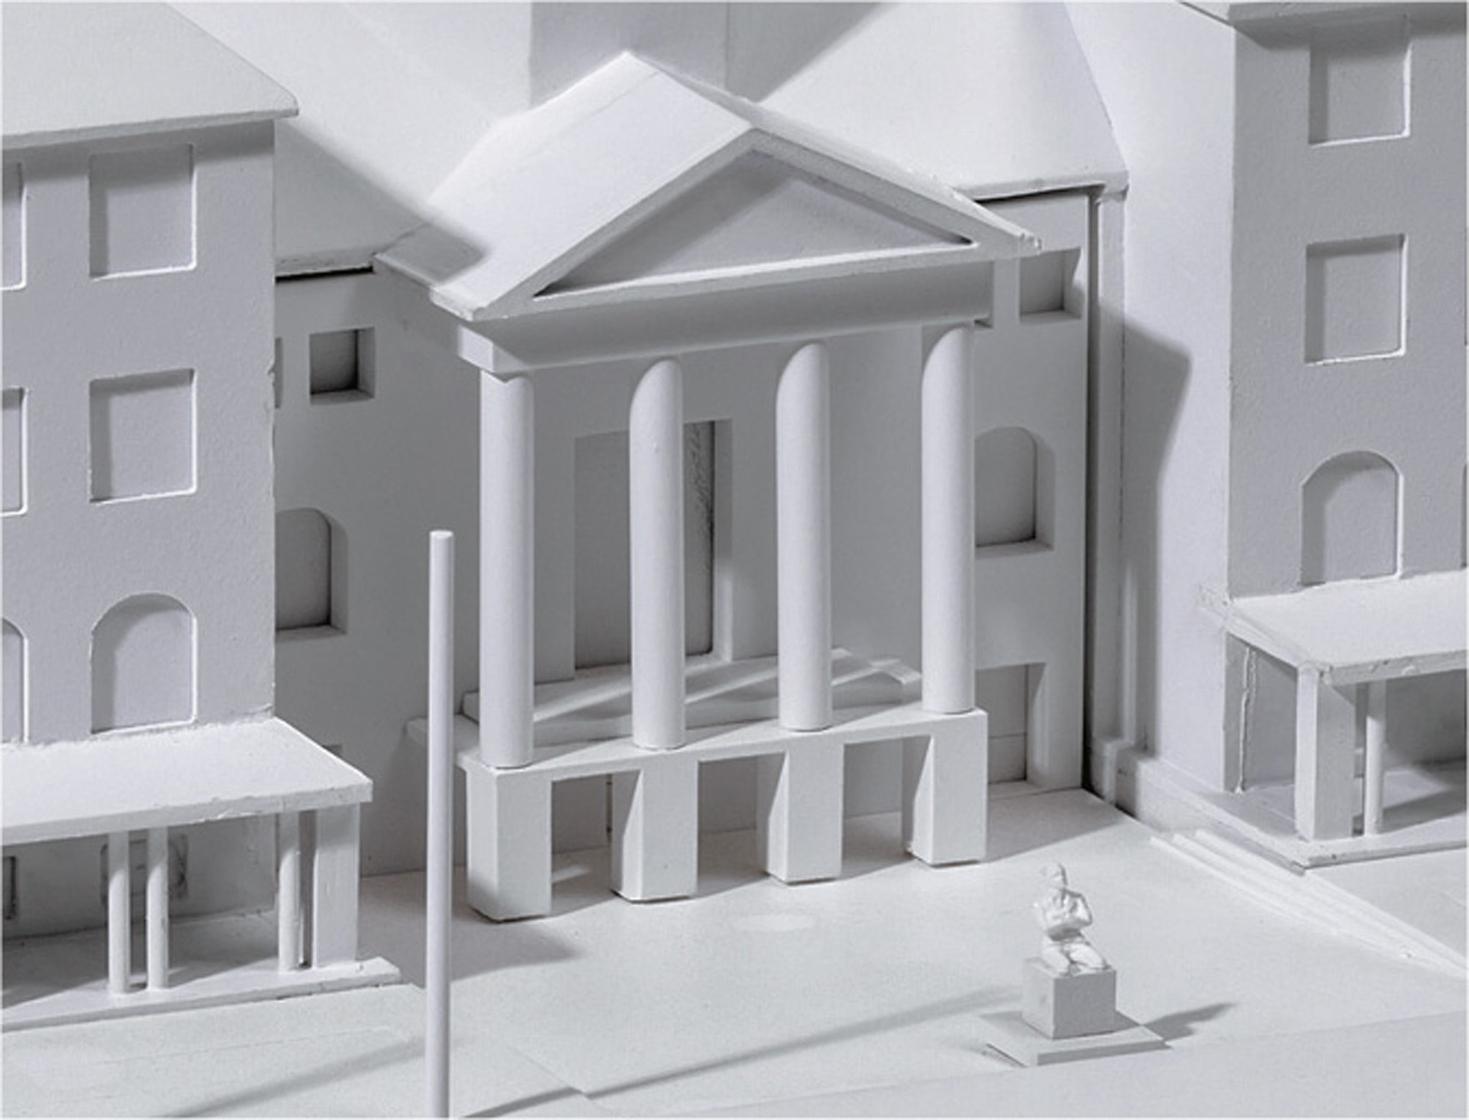 Modell Eingang Museum Wiesbaden